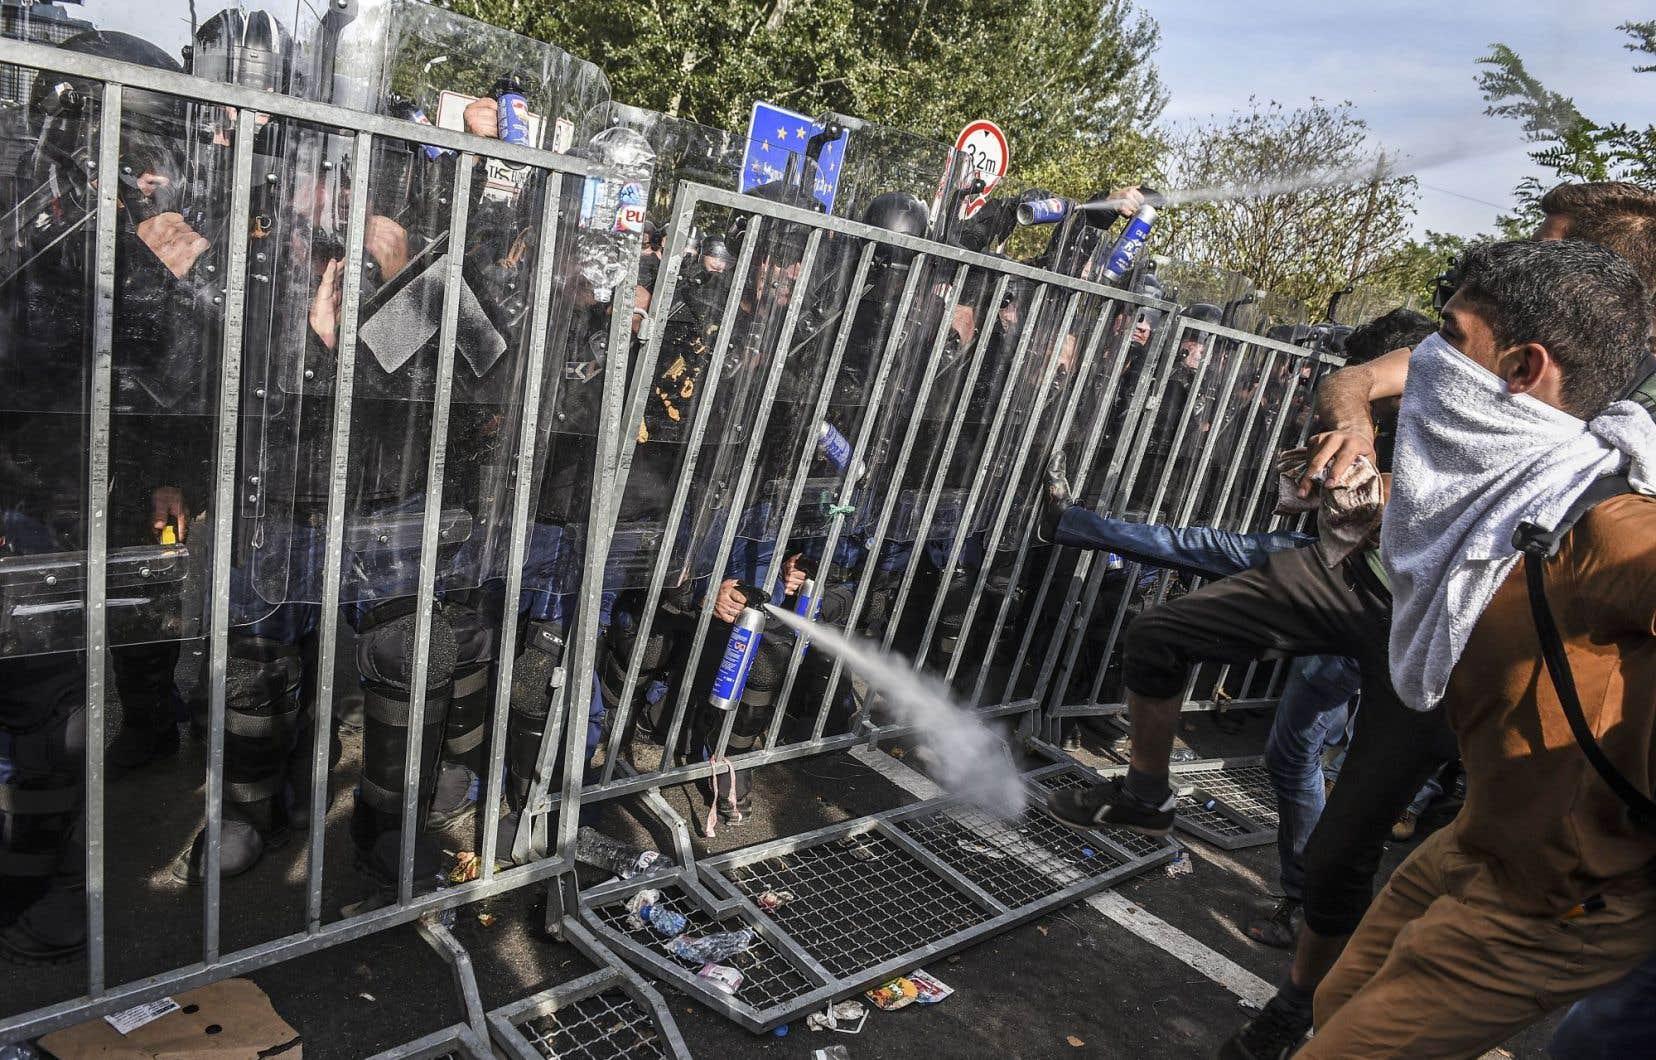 Des affrontements ont opposé des migrants et des policiers hongrois mercredi à Horgos, petite ville serbe à la frontière de la Hongrie.